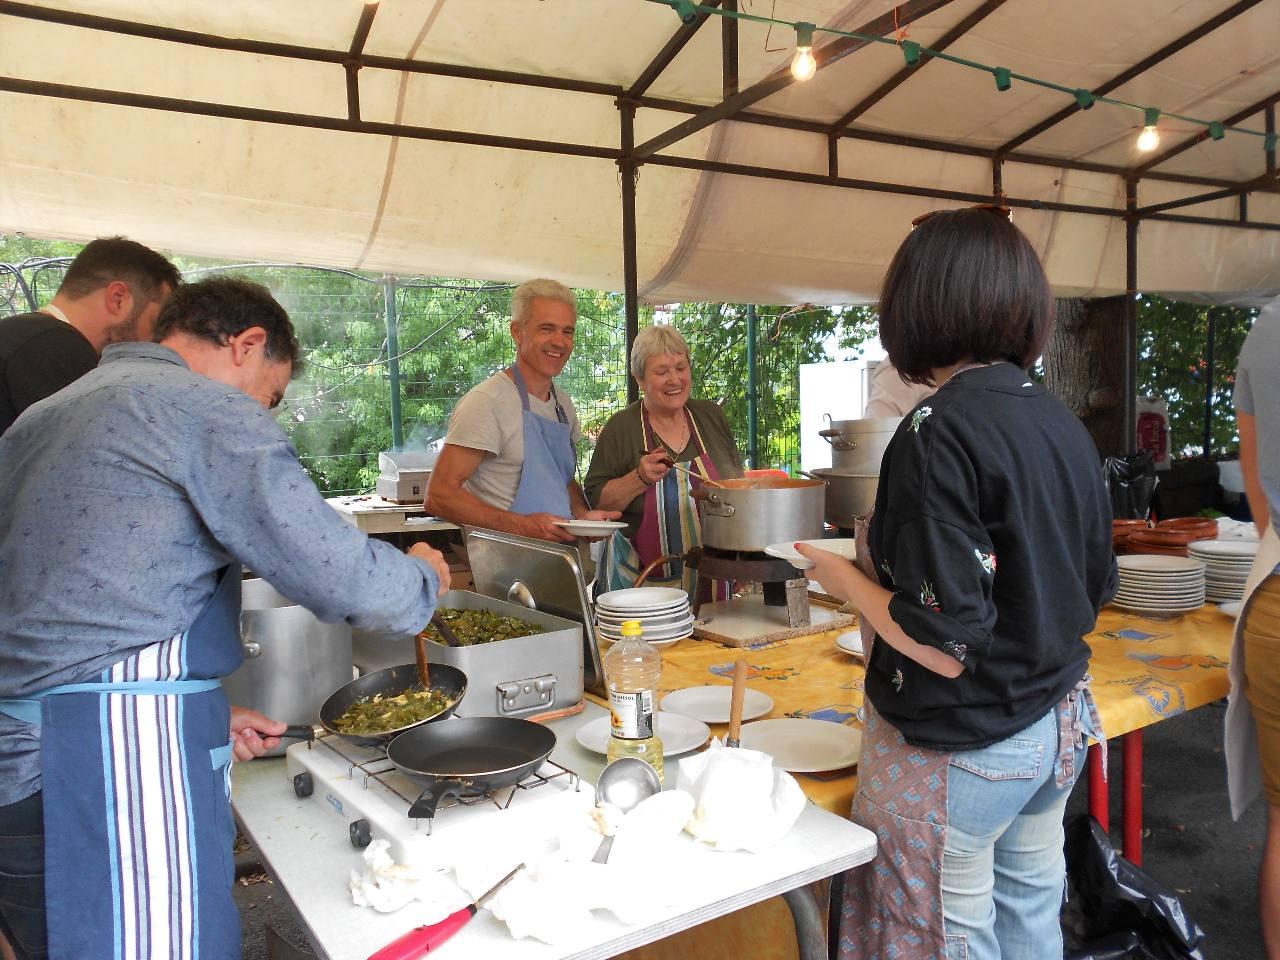 Cuisine généreuse. Dans l'omelette aux piments, il y a une belle part de piments !